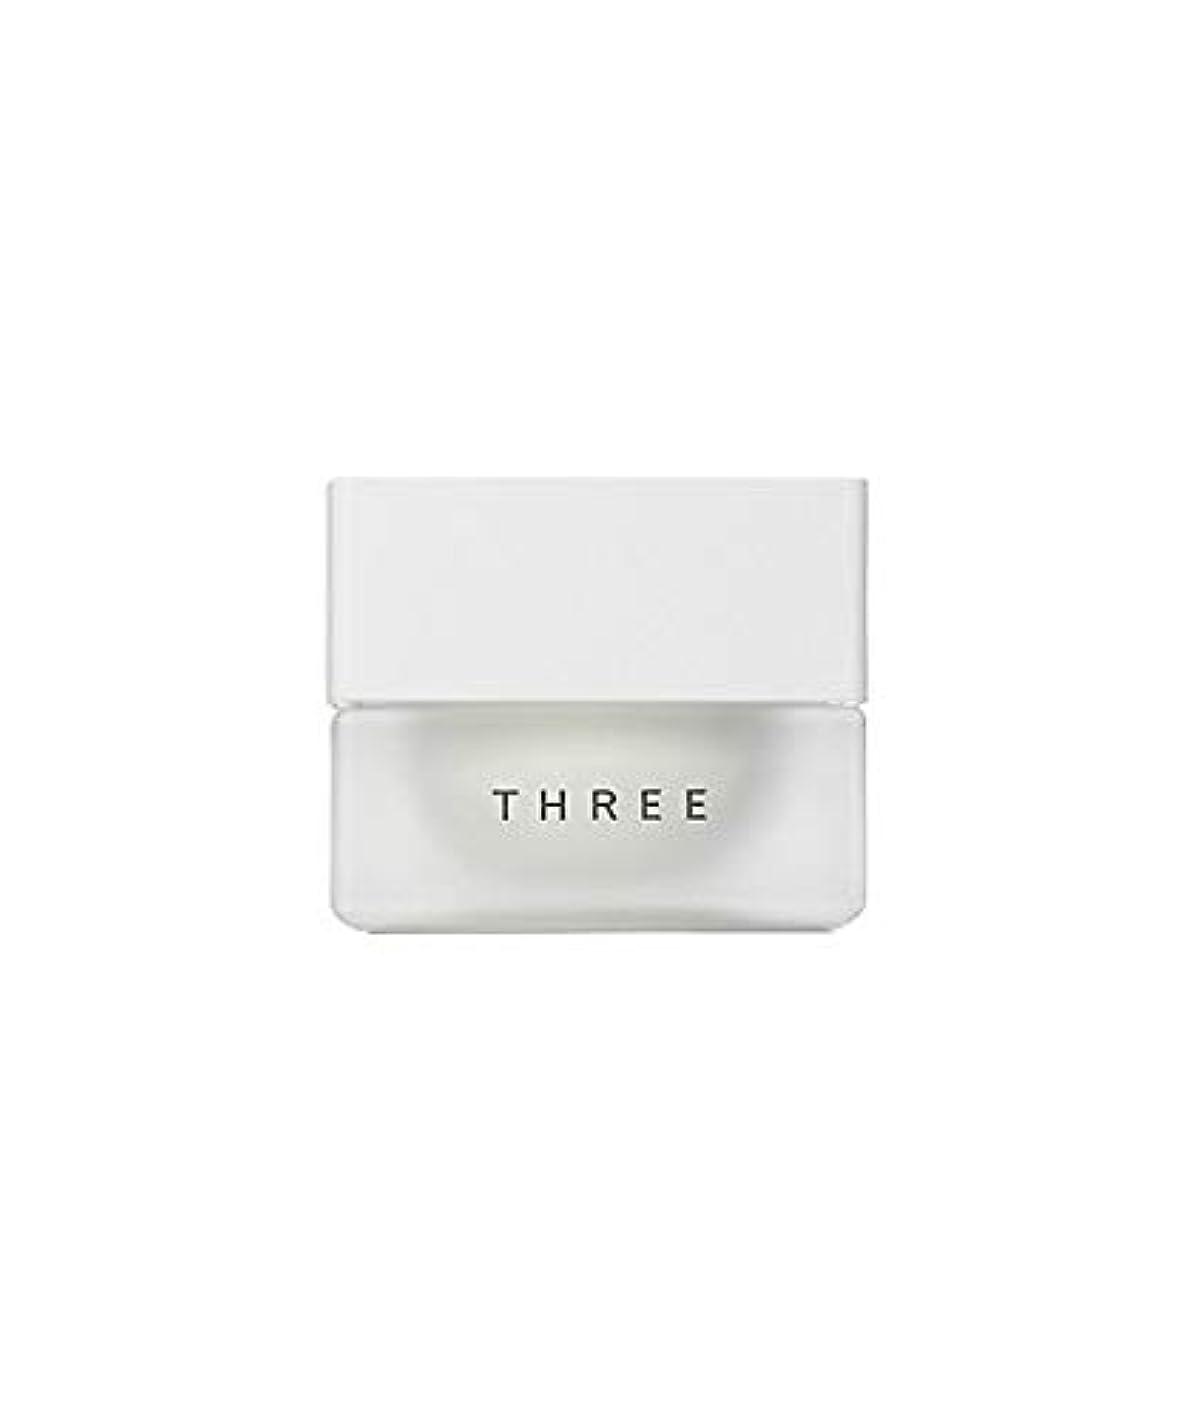 ノーブル狂う劇作家【THREE(スリー)】バランシング クリーム R_25g/クリーム